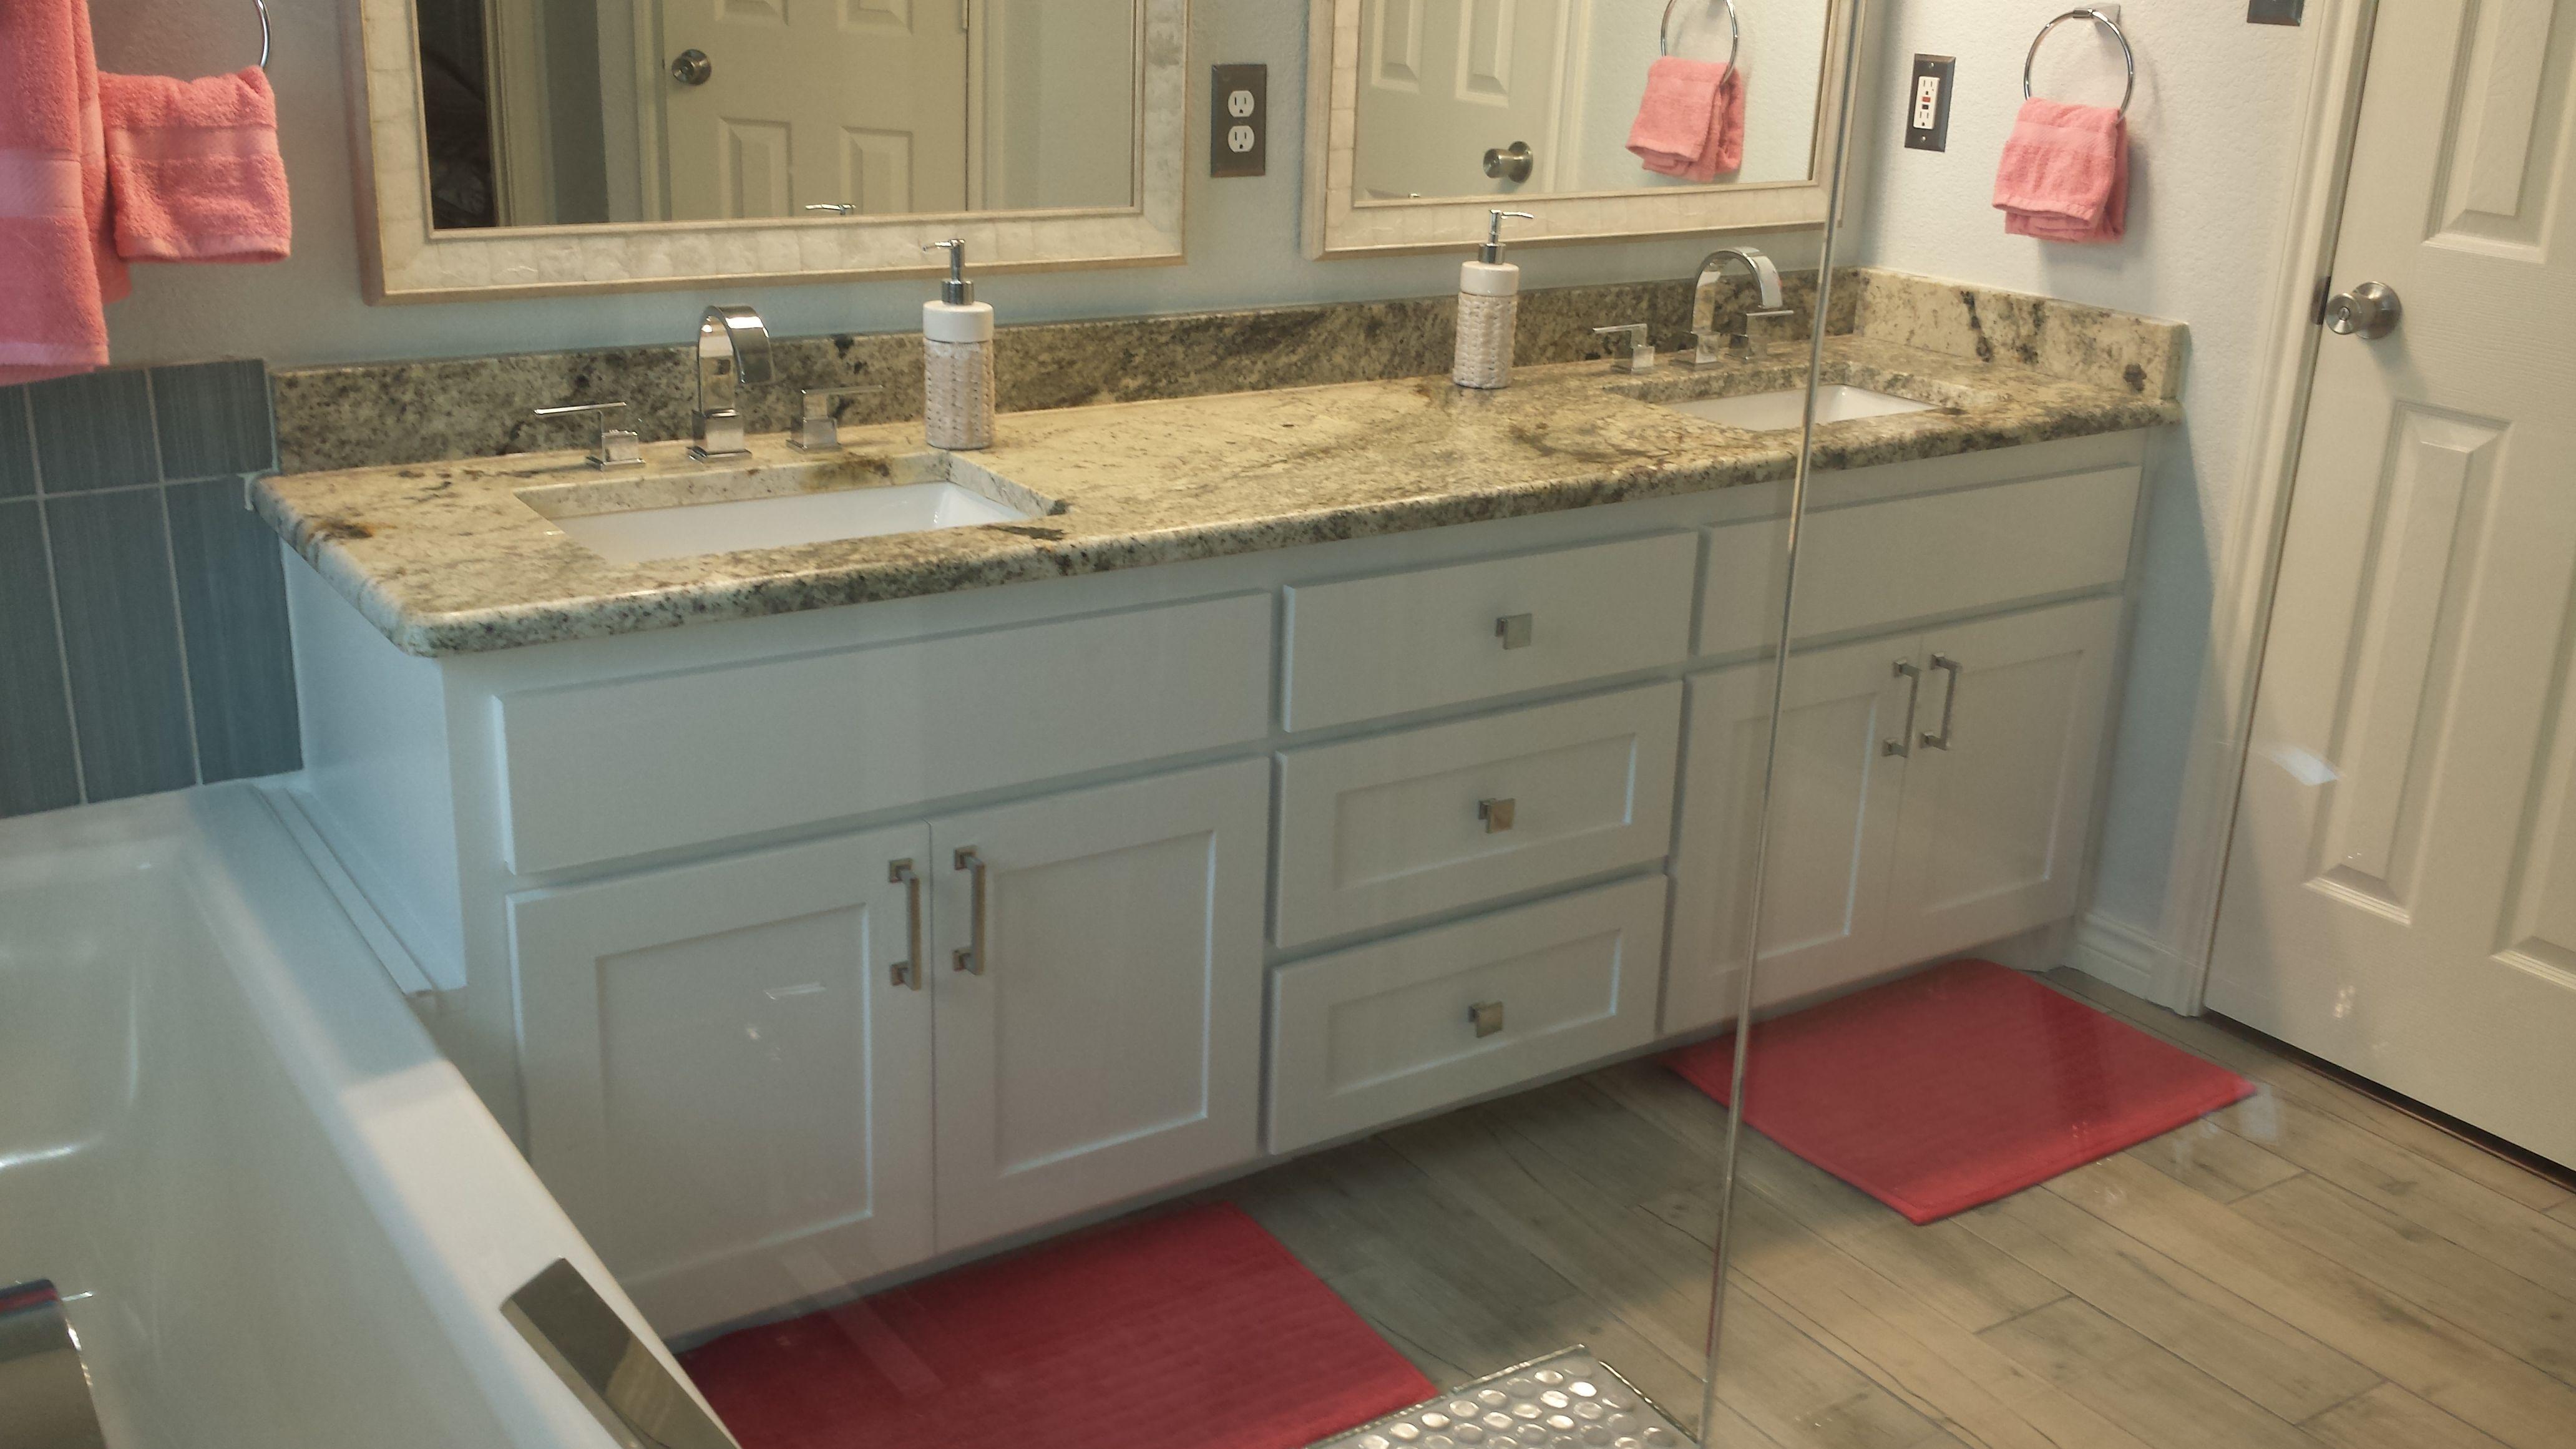 84 inch double custom hardwood vanity